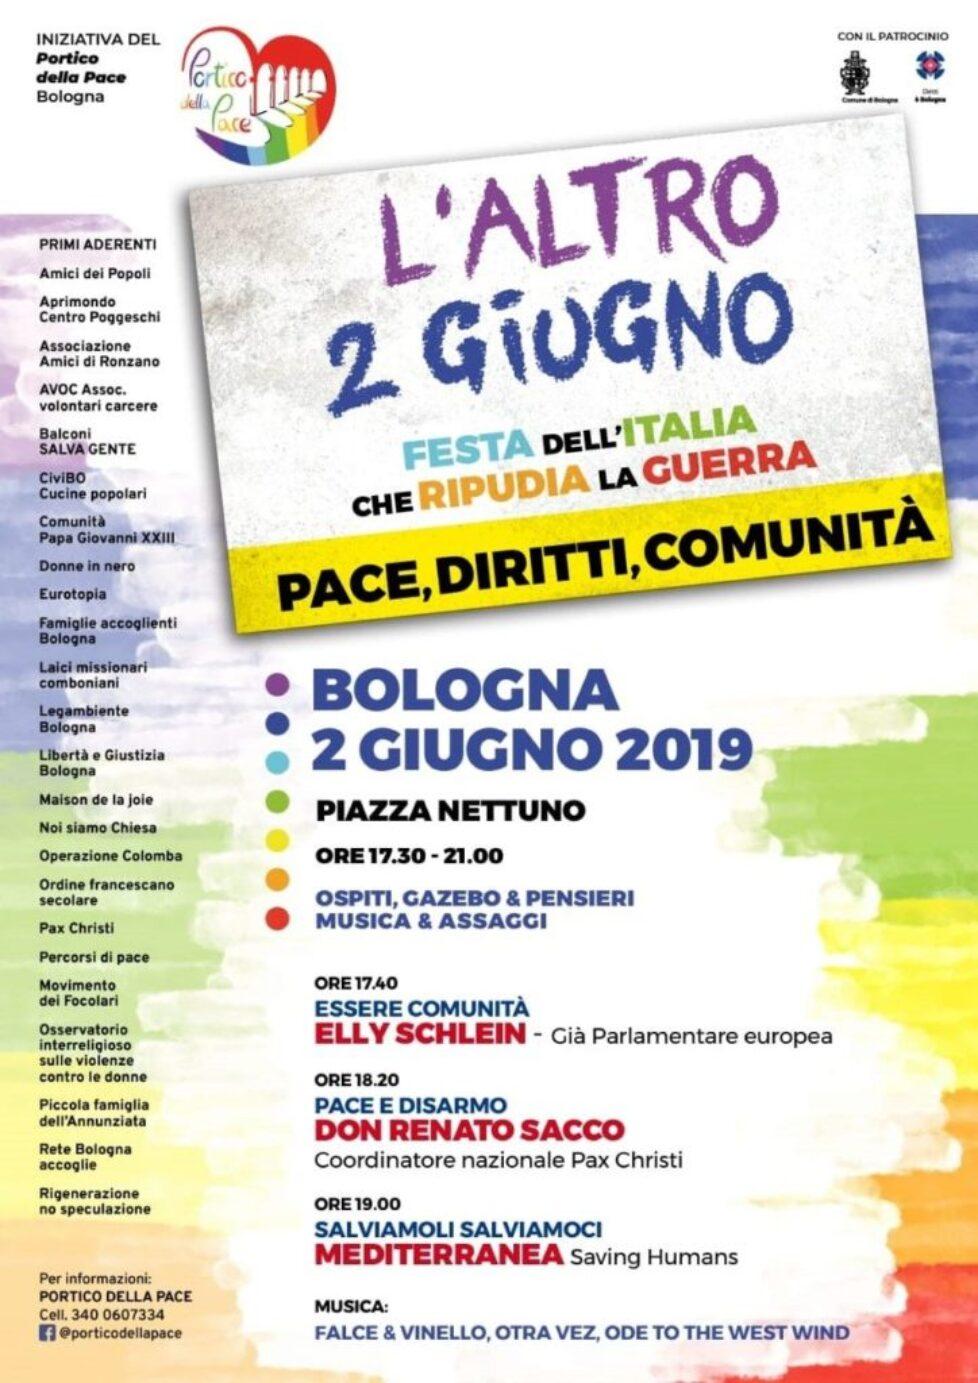 L'Altro 2 Giugno – Festa dell'Italia che ripudia la guerra